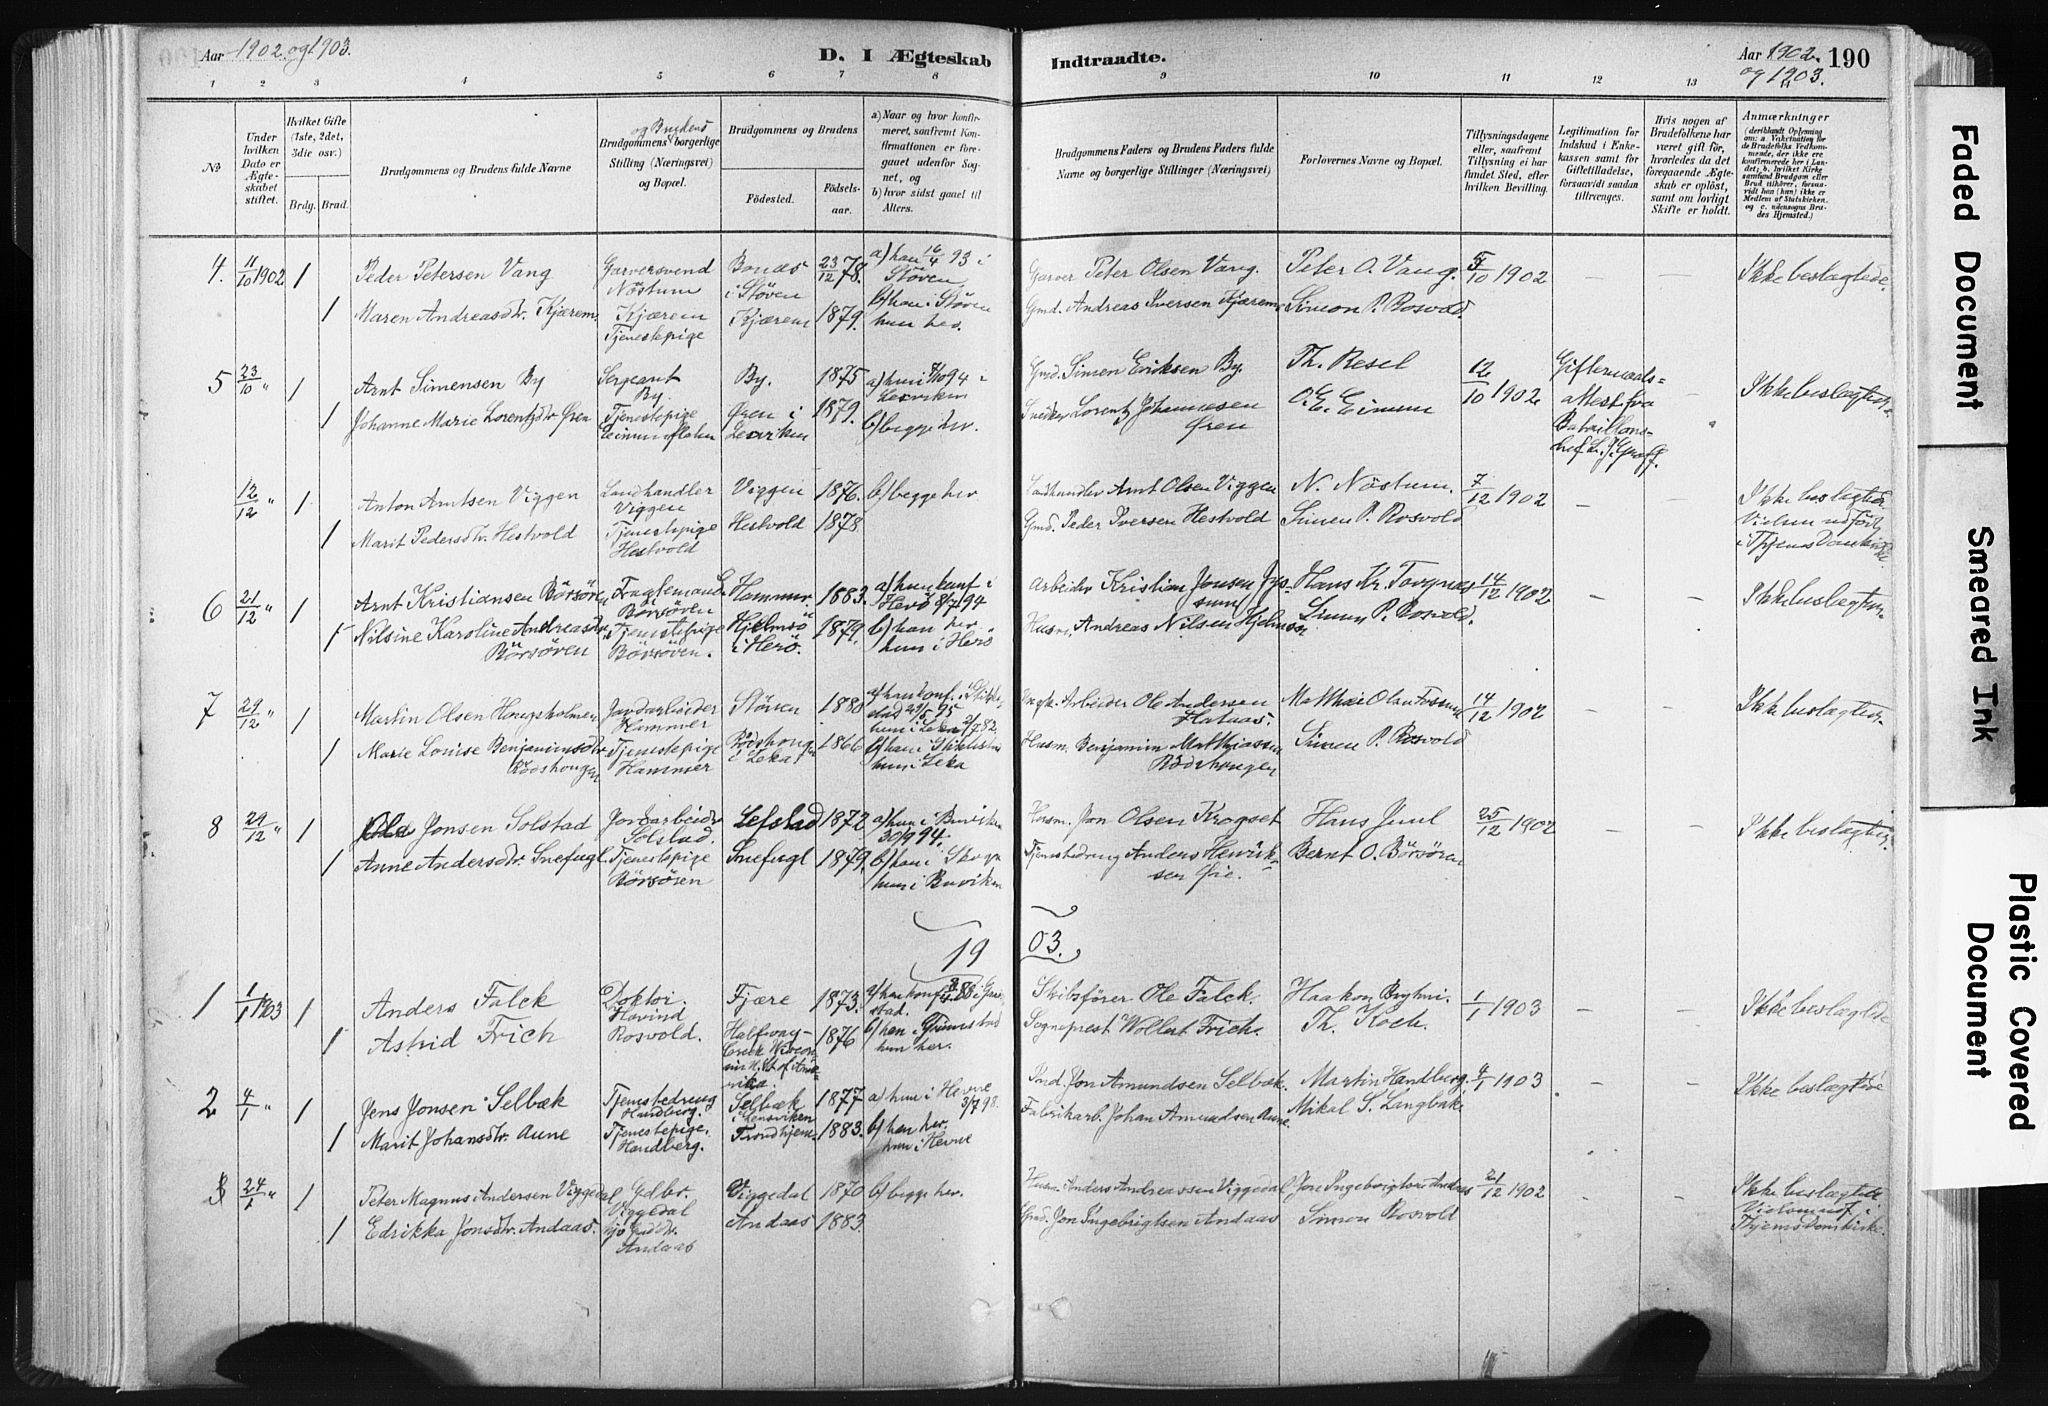 SAT, Ministerialprotokoller, klokkerbøker og fødselsregistre - Sør-Trøndelag, 665/L0773: Ministerialbok nr. 665A08, 1879-1905, s. 190